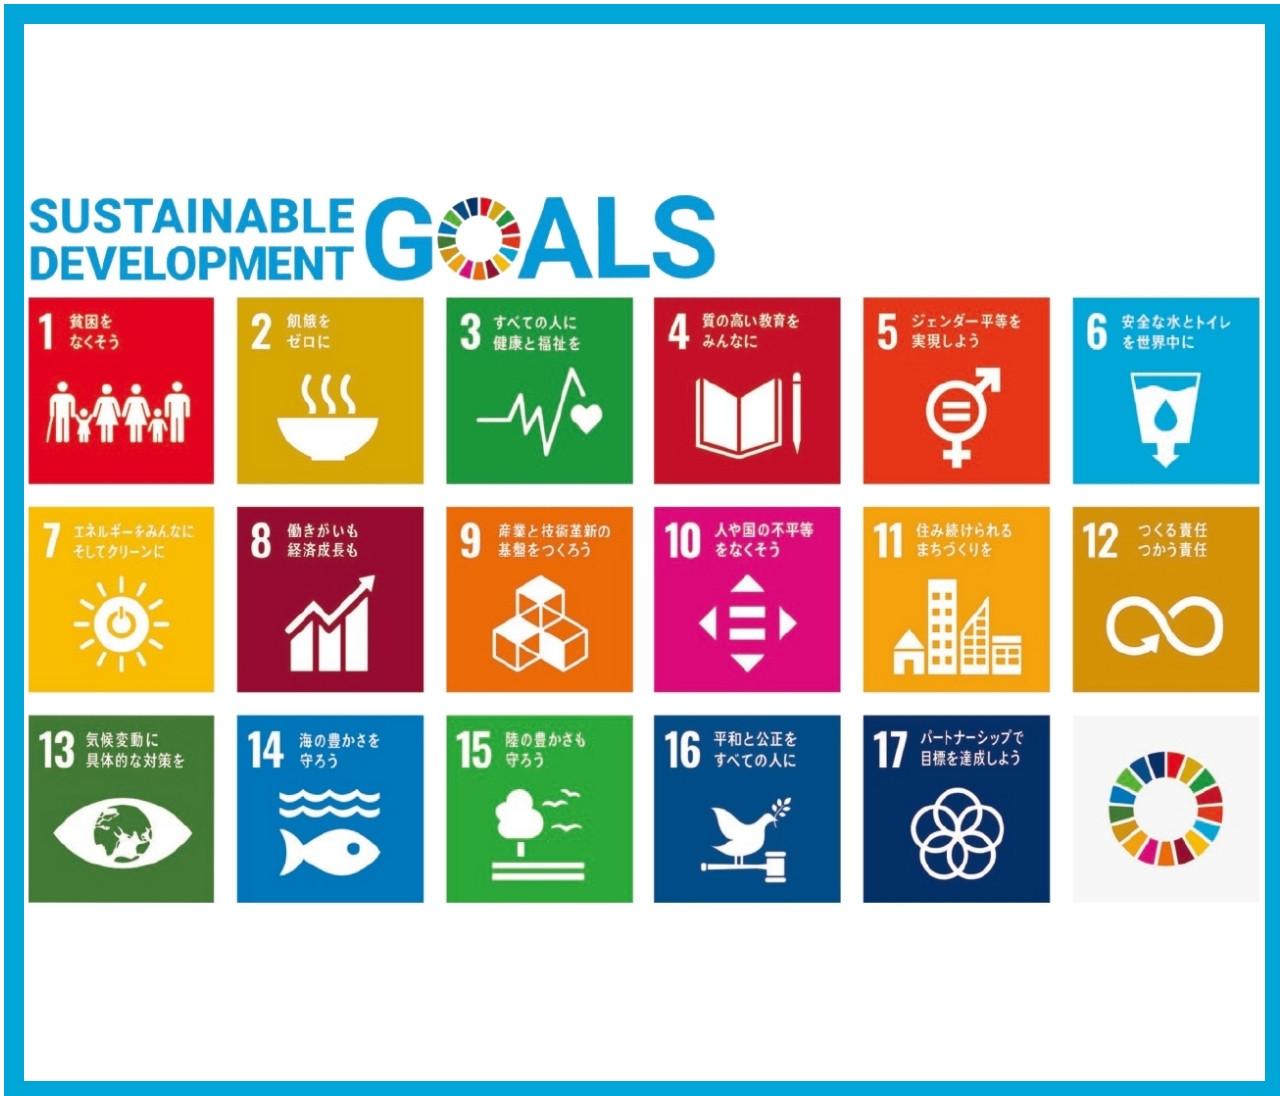 【SDGsアクションまとめ】地球のために今日からできること20選!